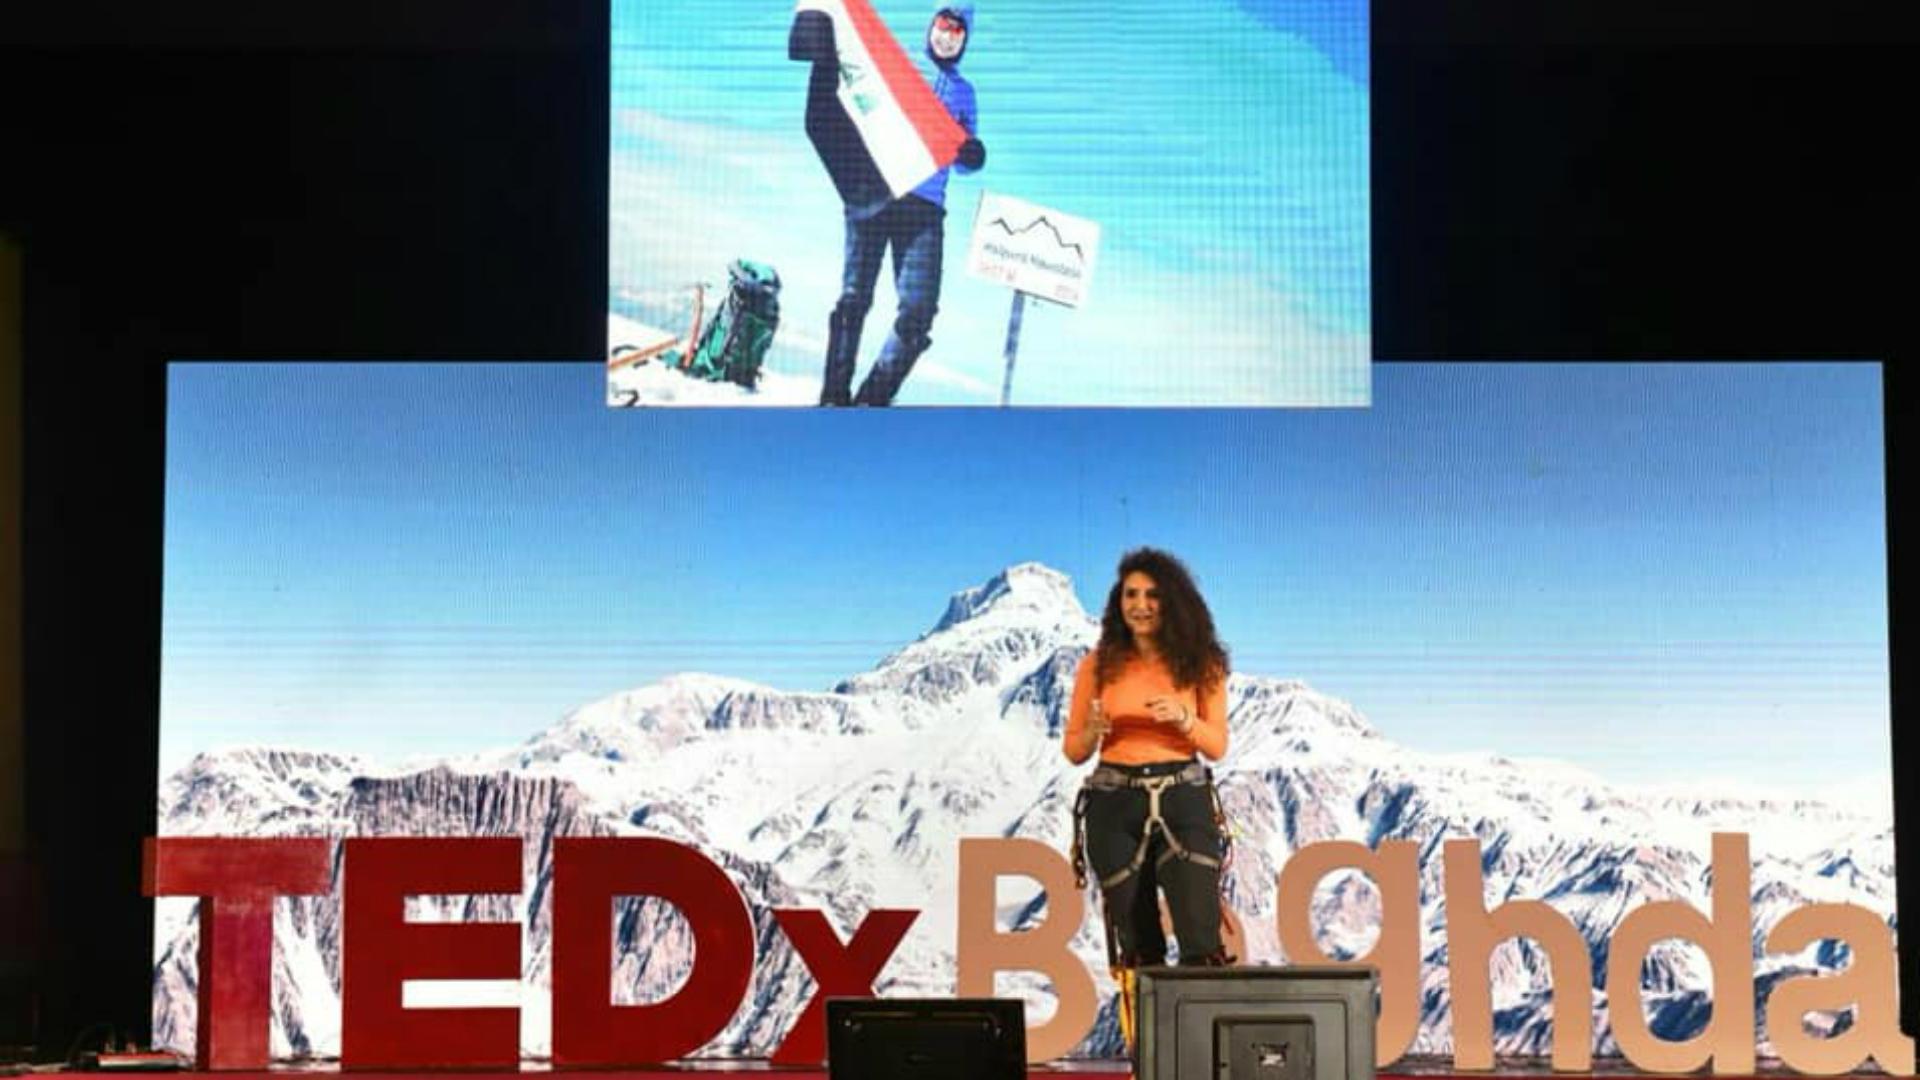 انطلاق تيد أكس بغداد بمشاركة رسمية وشبابية واسعة